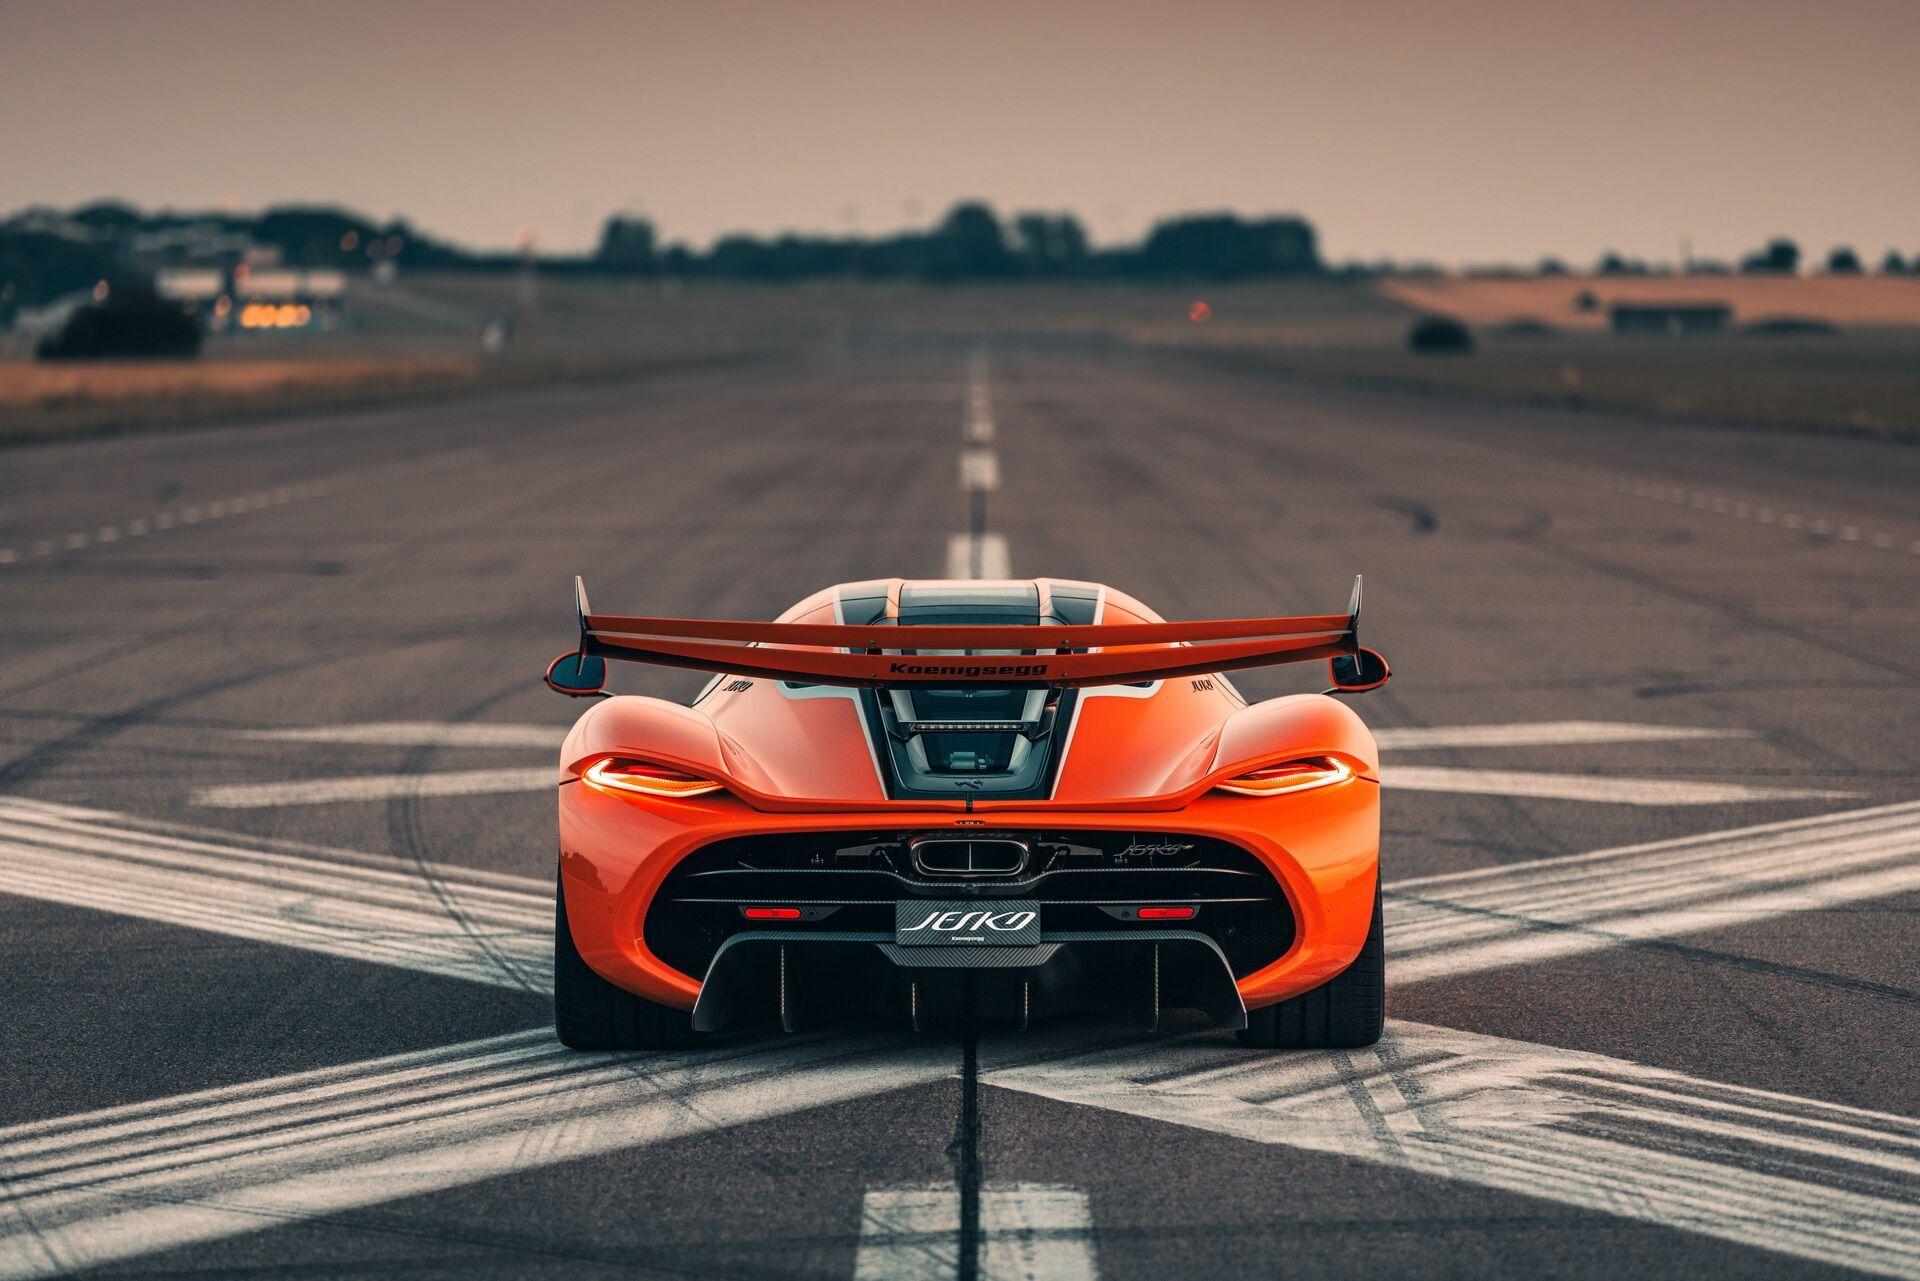 Активные аэродинамические элементы кузова обеспечат максимальную прижимную силу на высоких скоростях